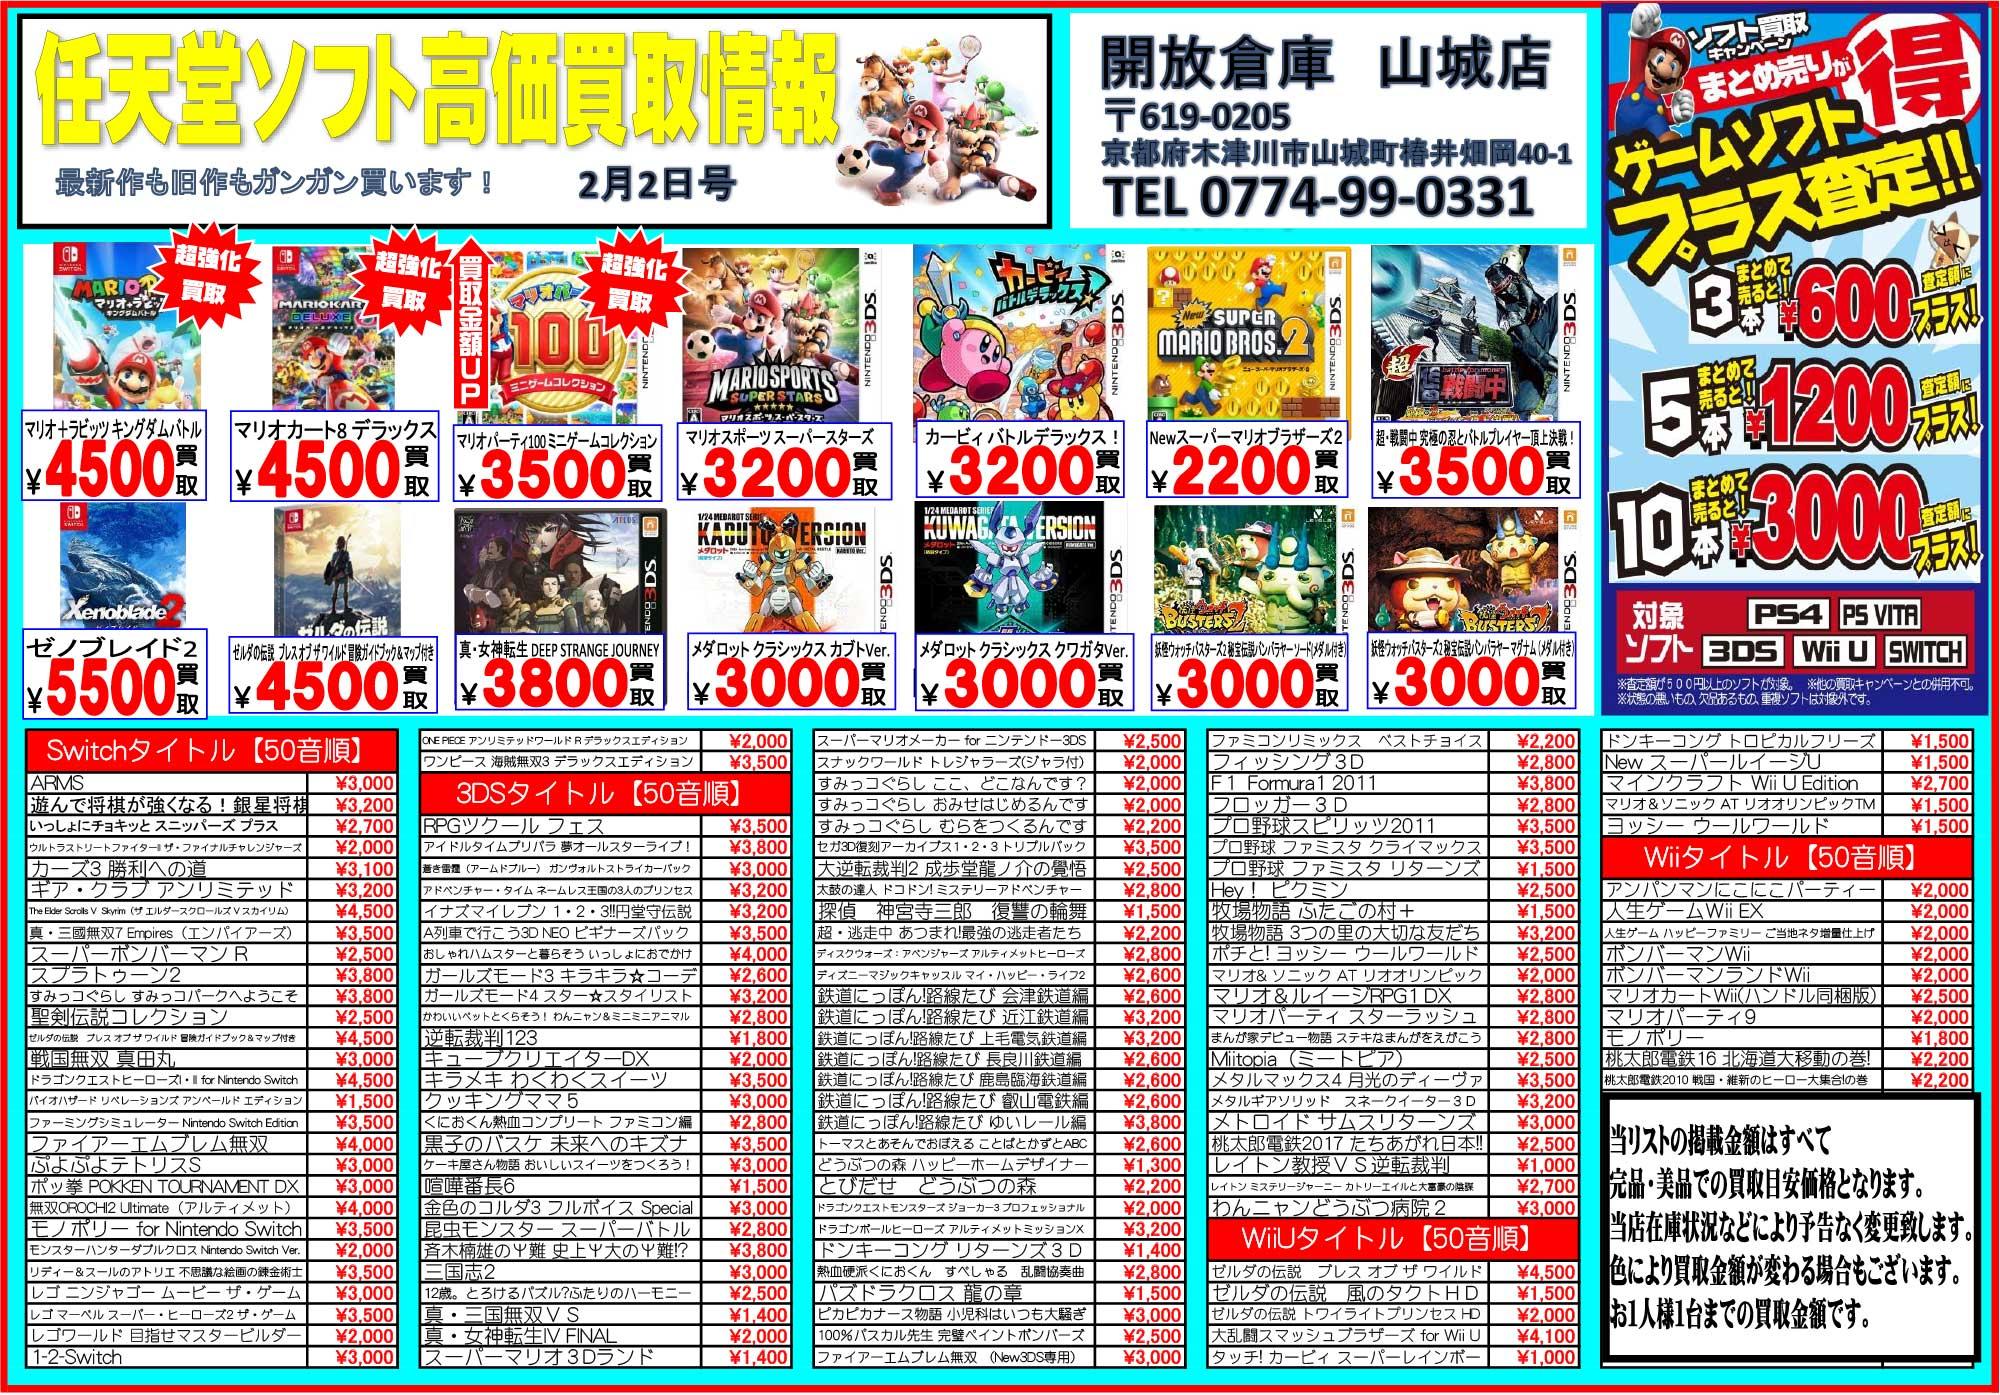 「開放倉庫山城店」2018年2月2日号<任天堂ソフト高価買取情報>を更新しました!最新作も旧作もガンガン買います!!<まとめ売りがお得!ゲームソフトプラス査定!!※対象ソフトPS4、PS VITA、3DS、Wii U、Switch>10本まとめて売ると3000円査定額にプラス!!